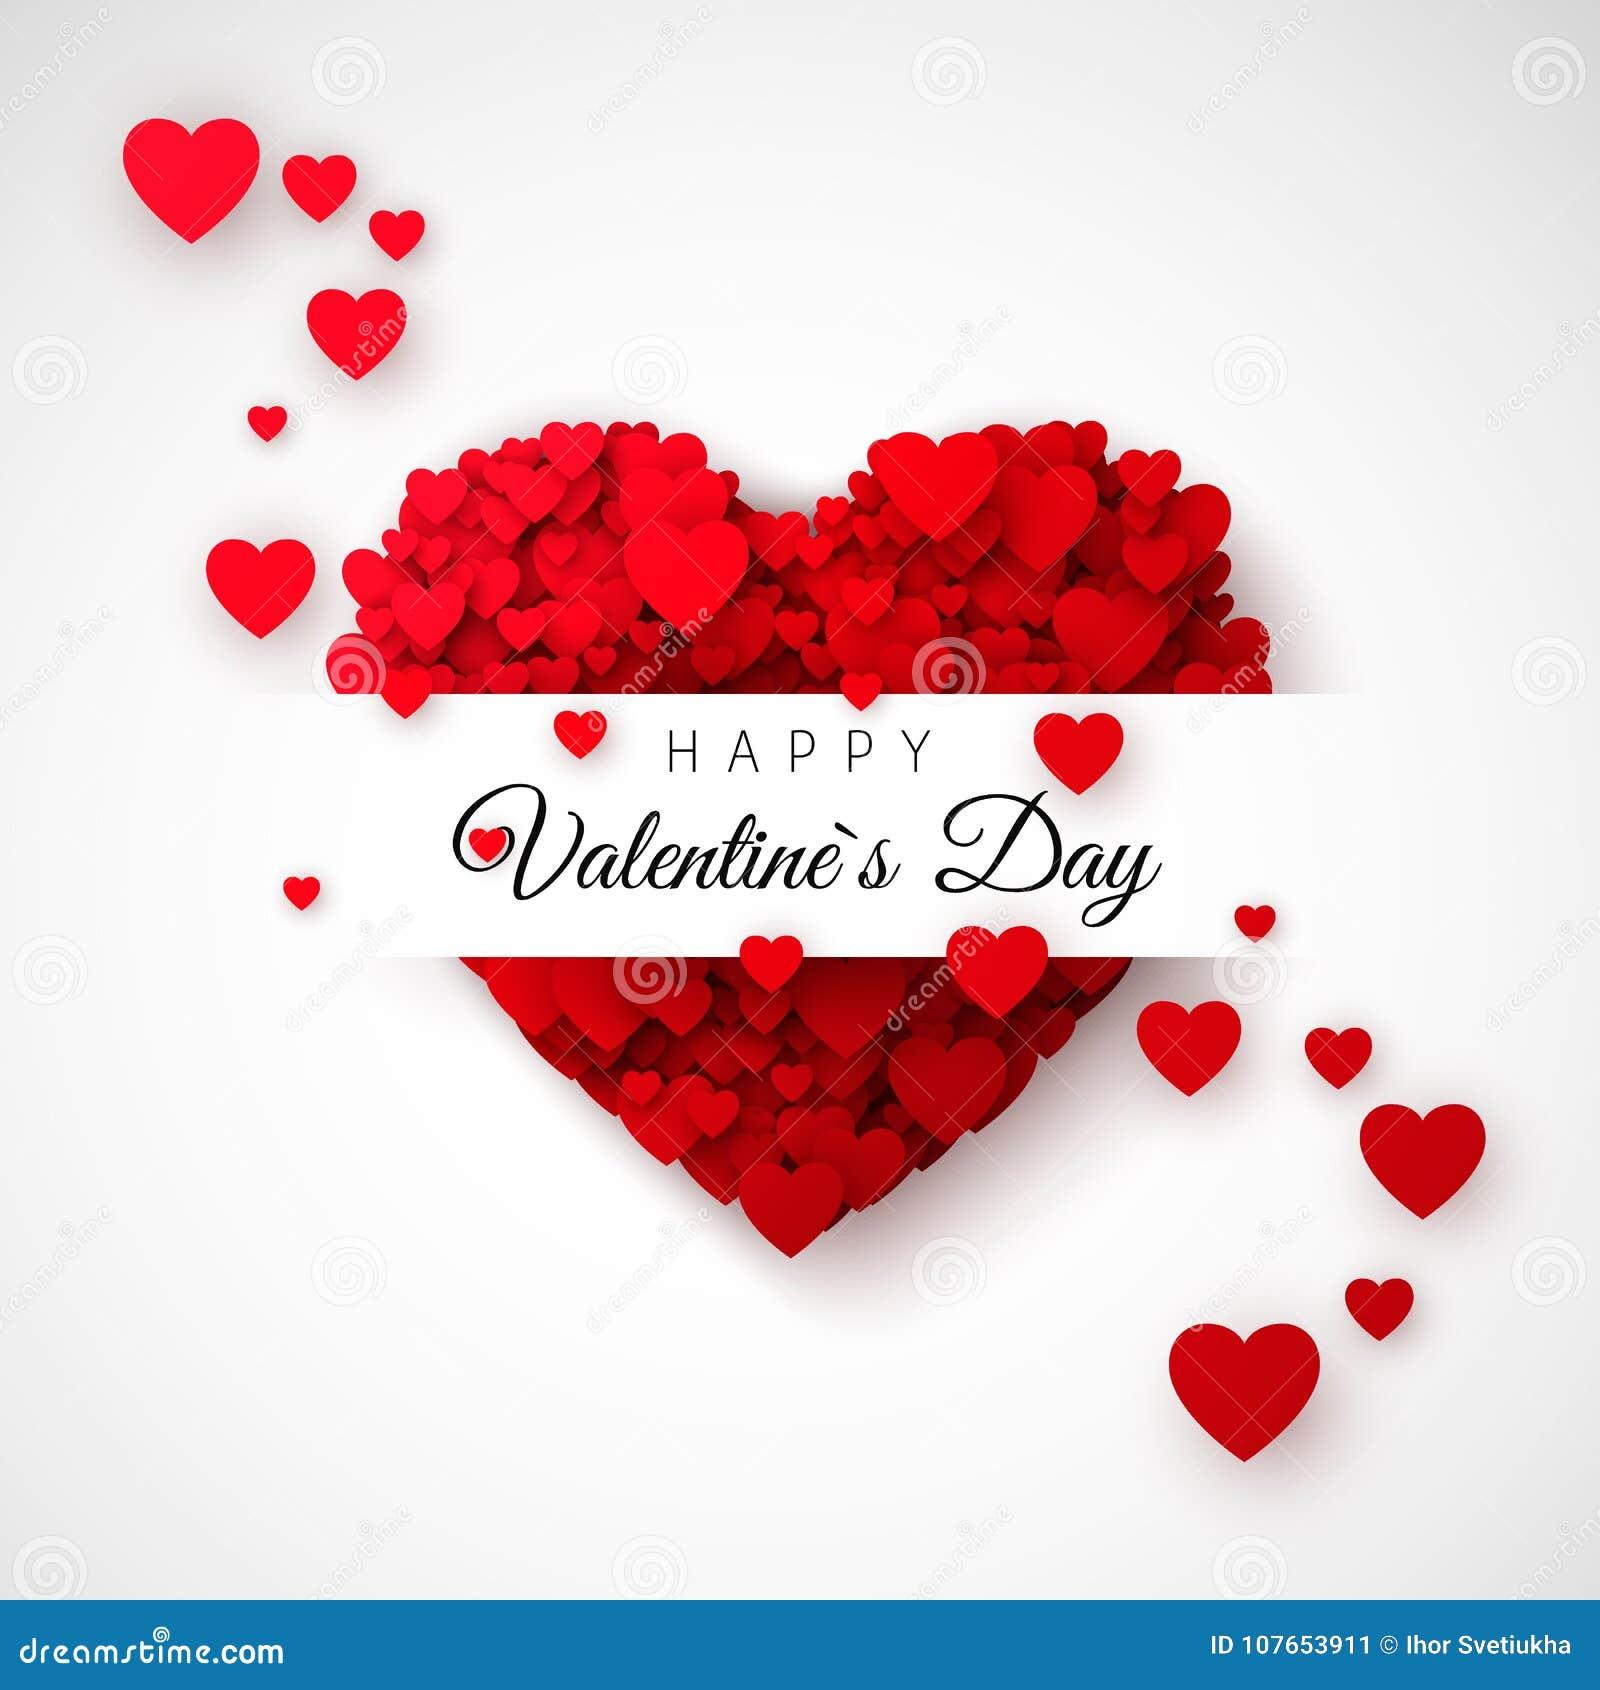 Red Heart - Symbol Of Love  Hearts Confetti  Saint